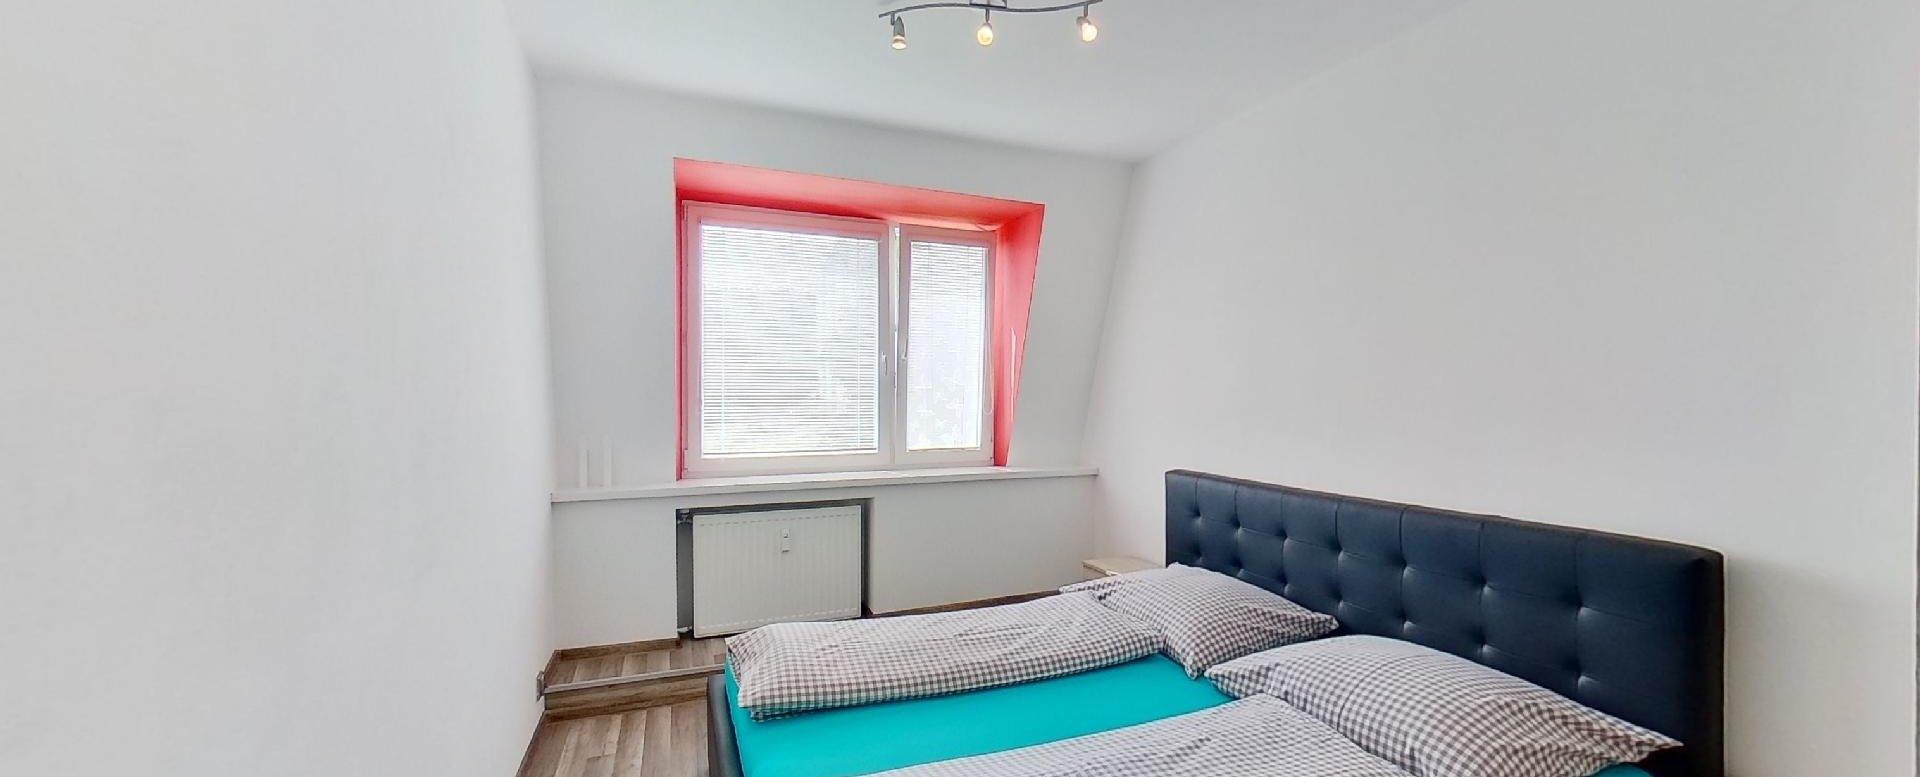 Spálňa s manželskou posteľou